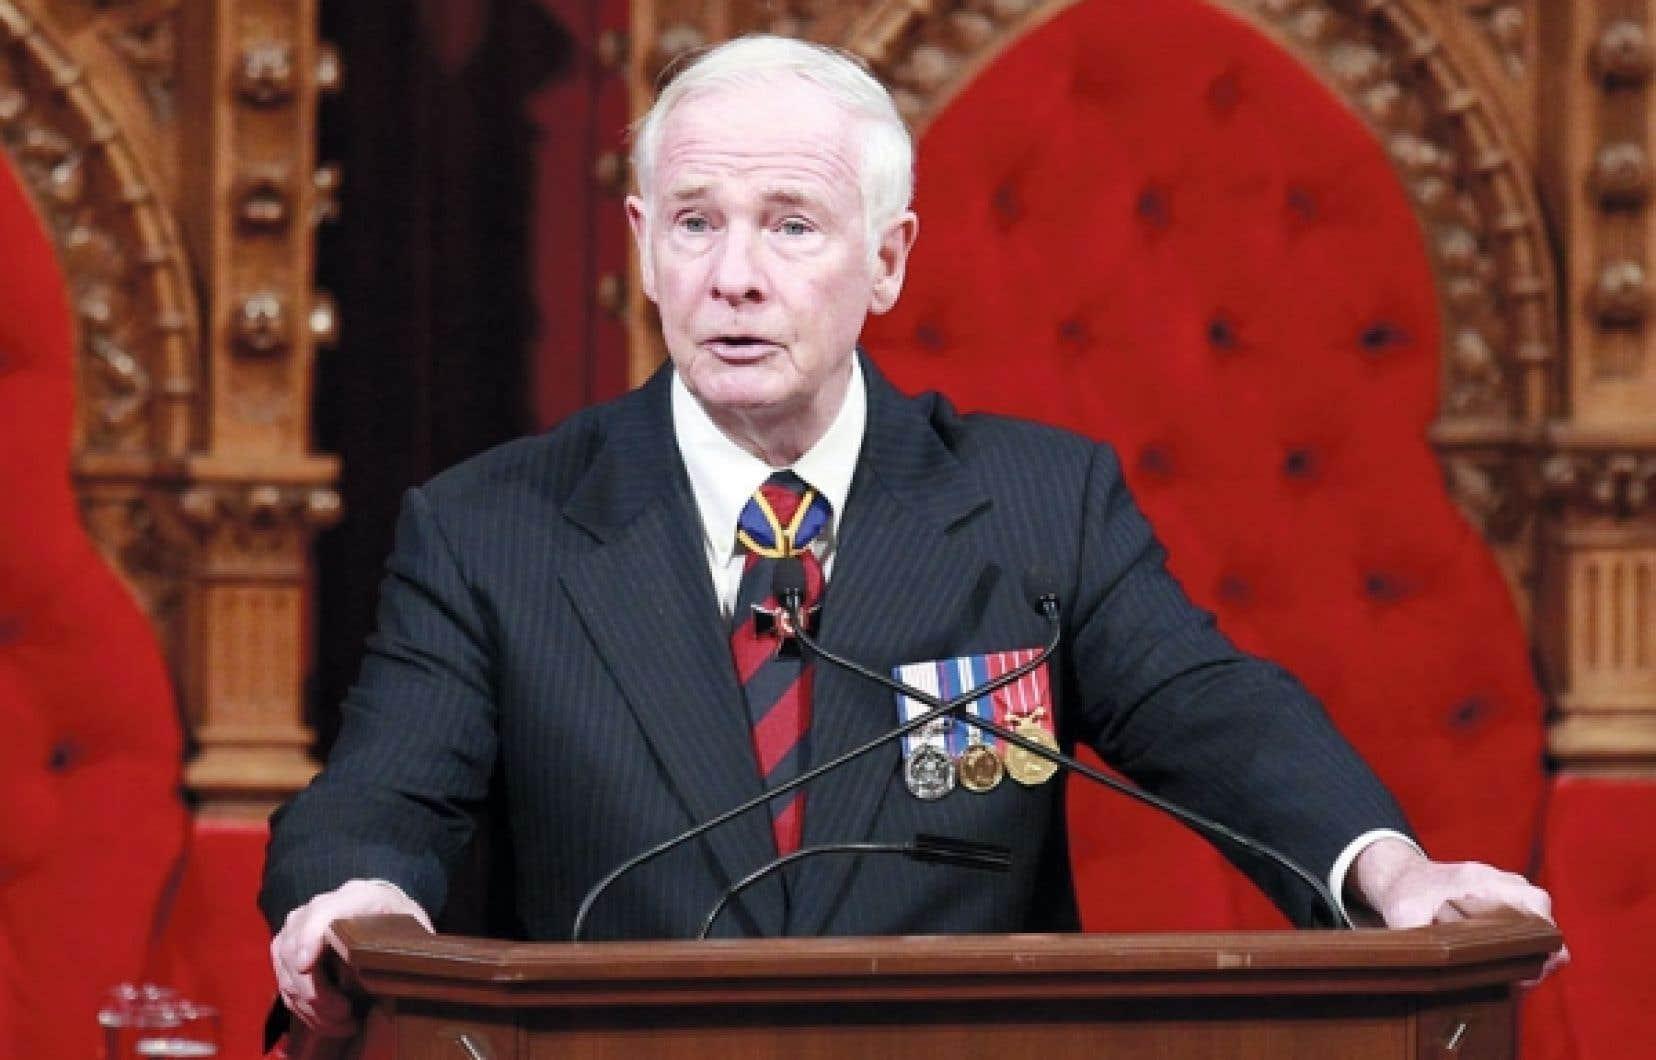 Le salaire du gouverneur général, David Johnston, passera de 137 500 $ à 270 692 $, et sera désormais soumis à la Loi de l'impôt sur le revenu.